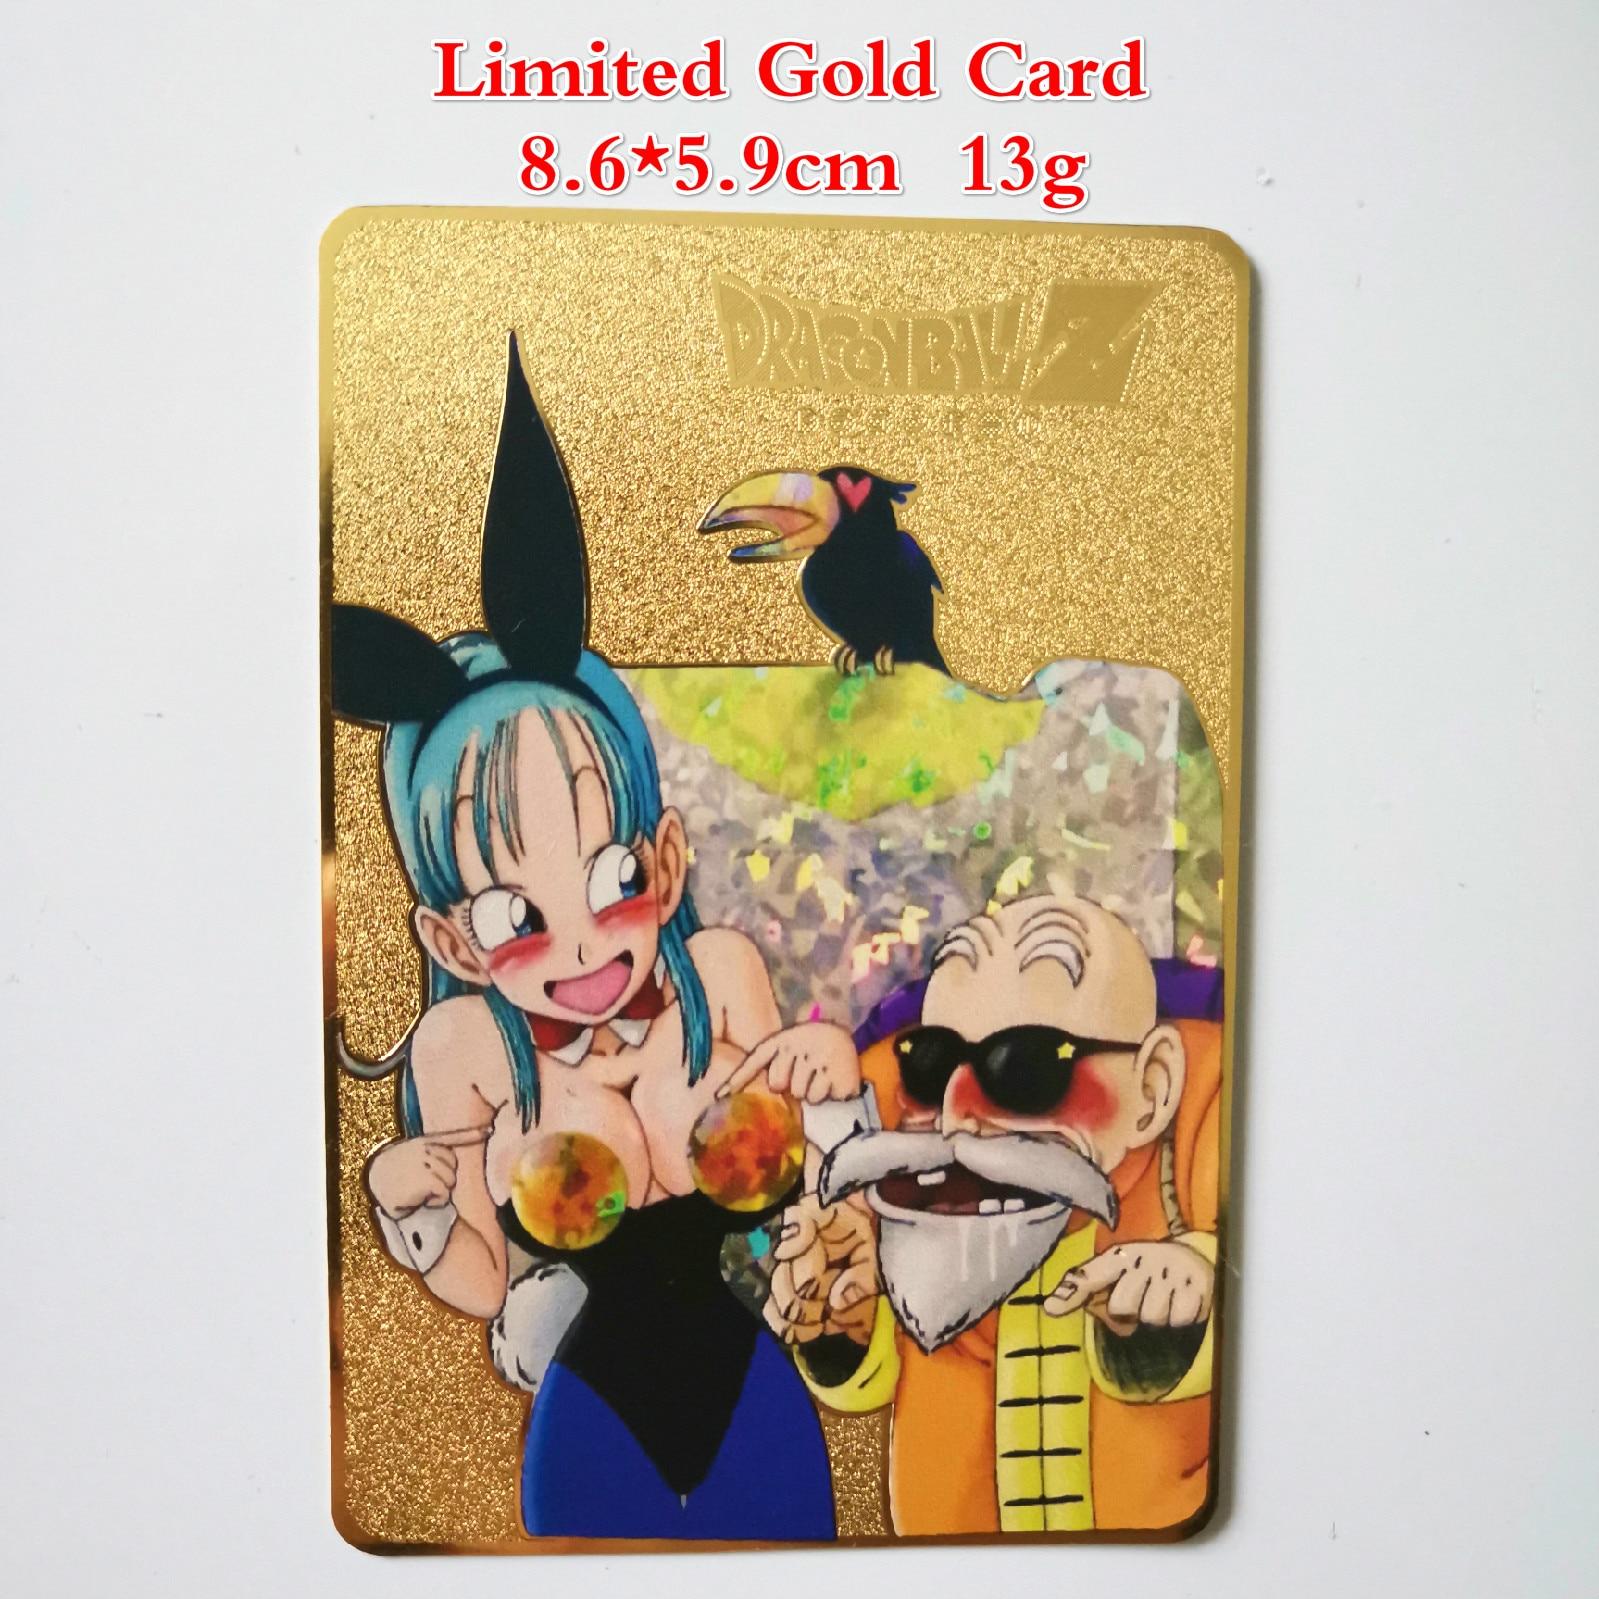 Dragon Ball золотая металлическая карточка супер игра Коллекция аниме-открытки игра детская игрушка - Цвет: B